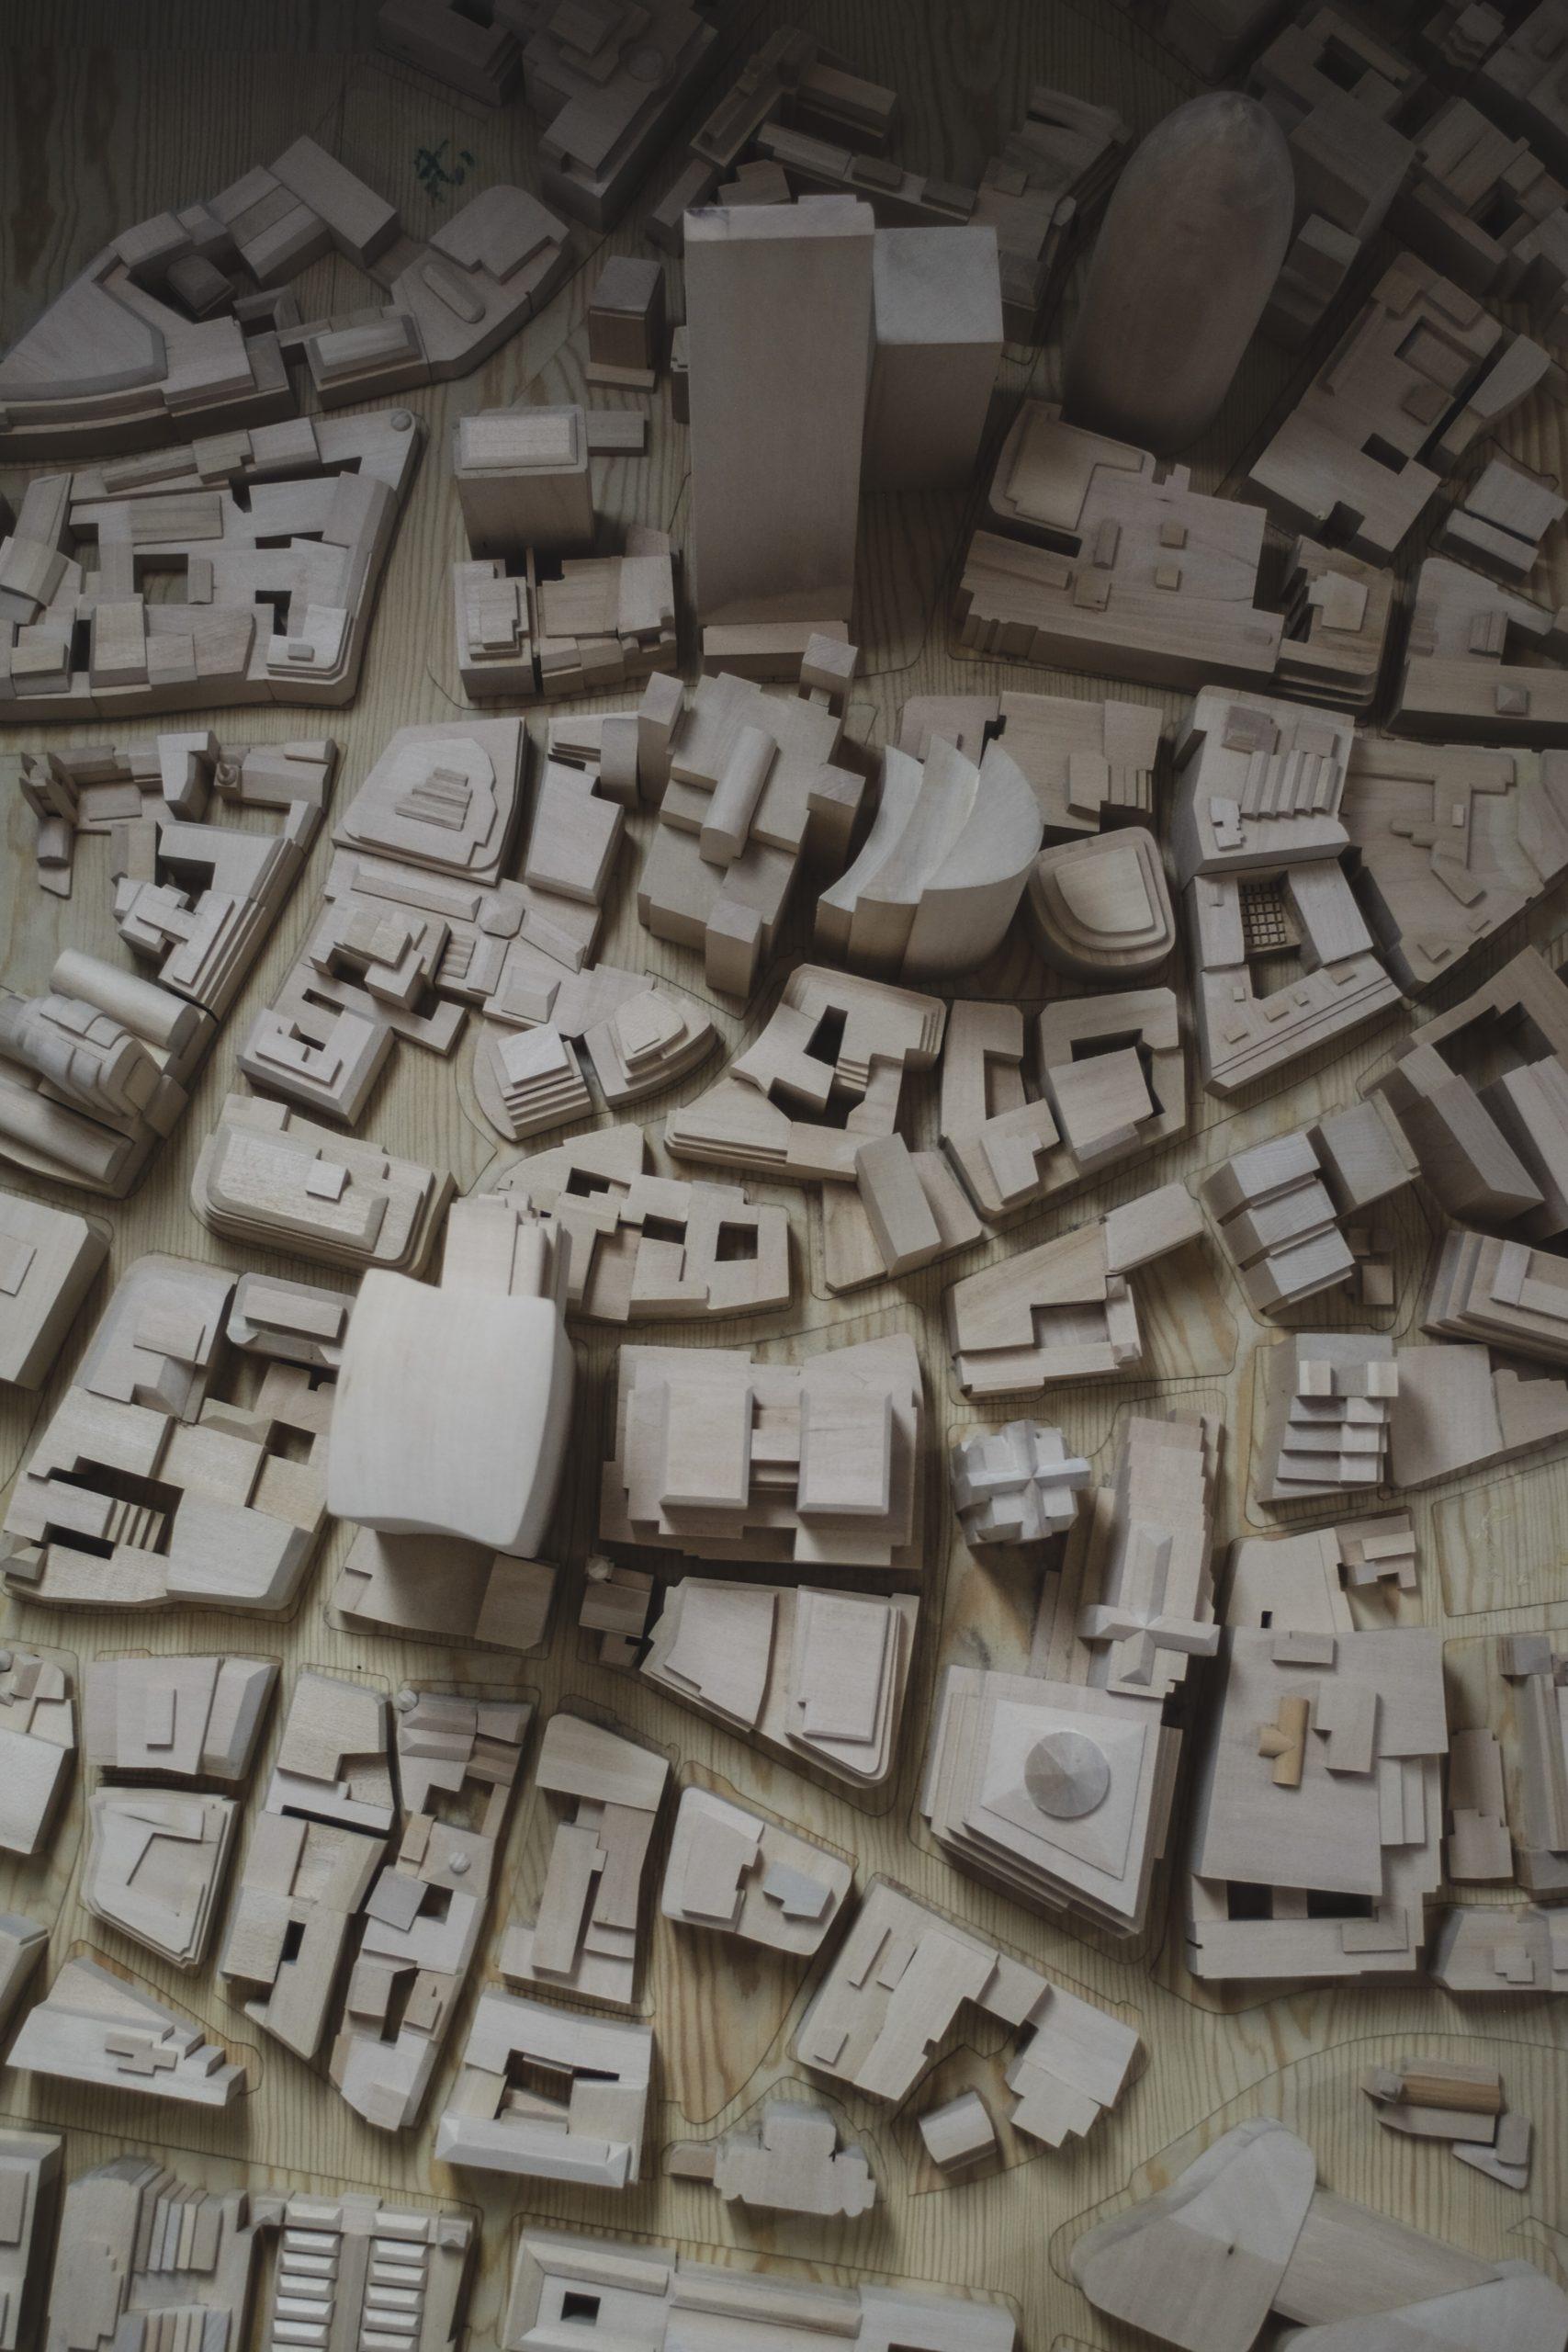 Rendu perspectives 3d - maquettes 3d 360 interactives